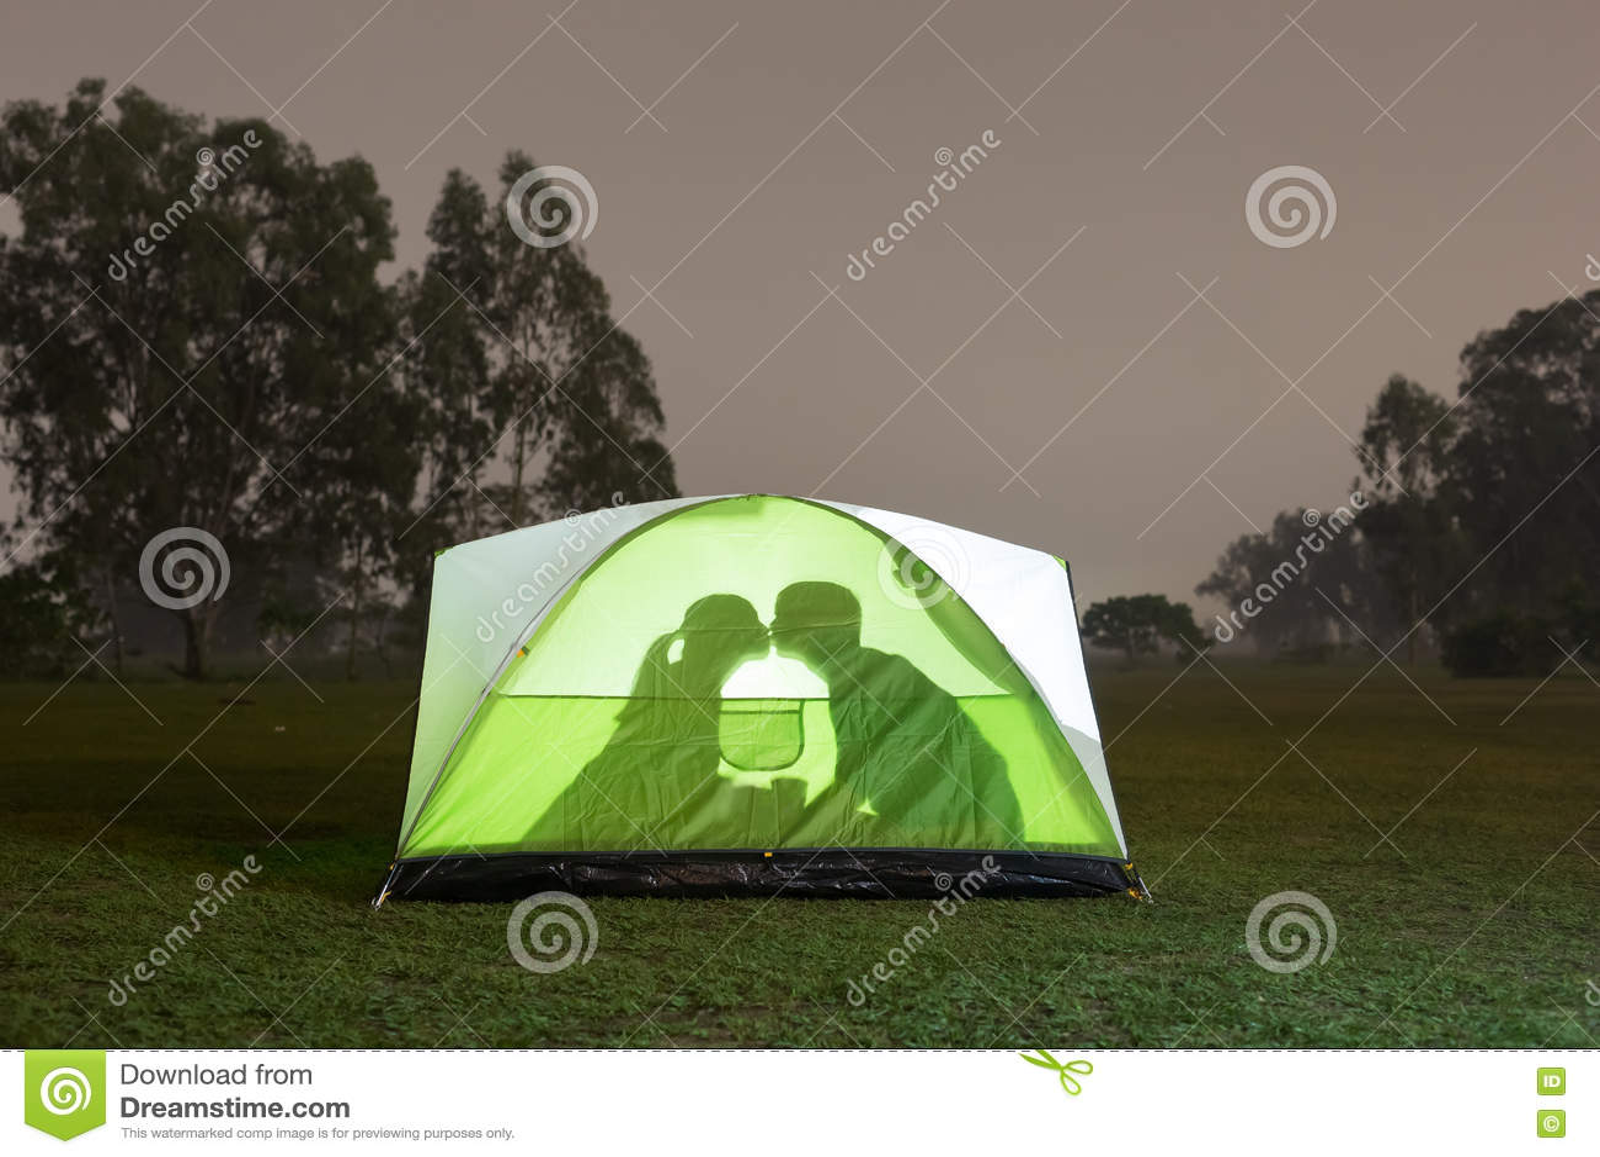 Konturpar Som Campar Under Stjärnor I Tält Fotografering för